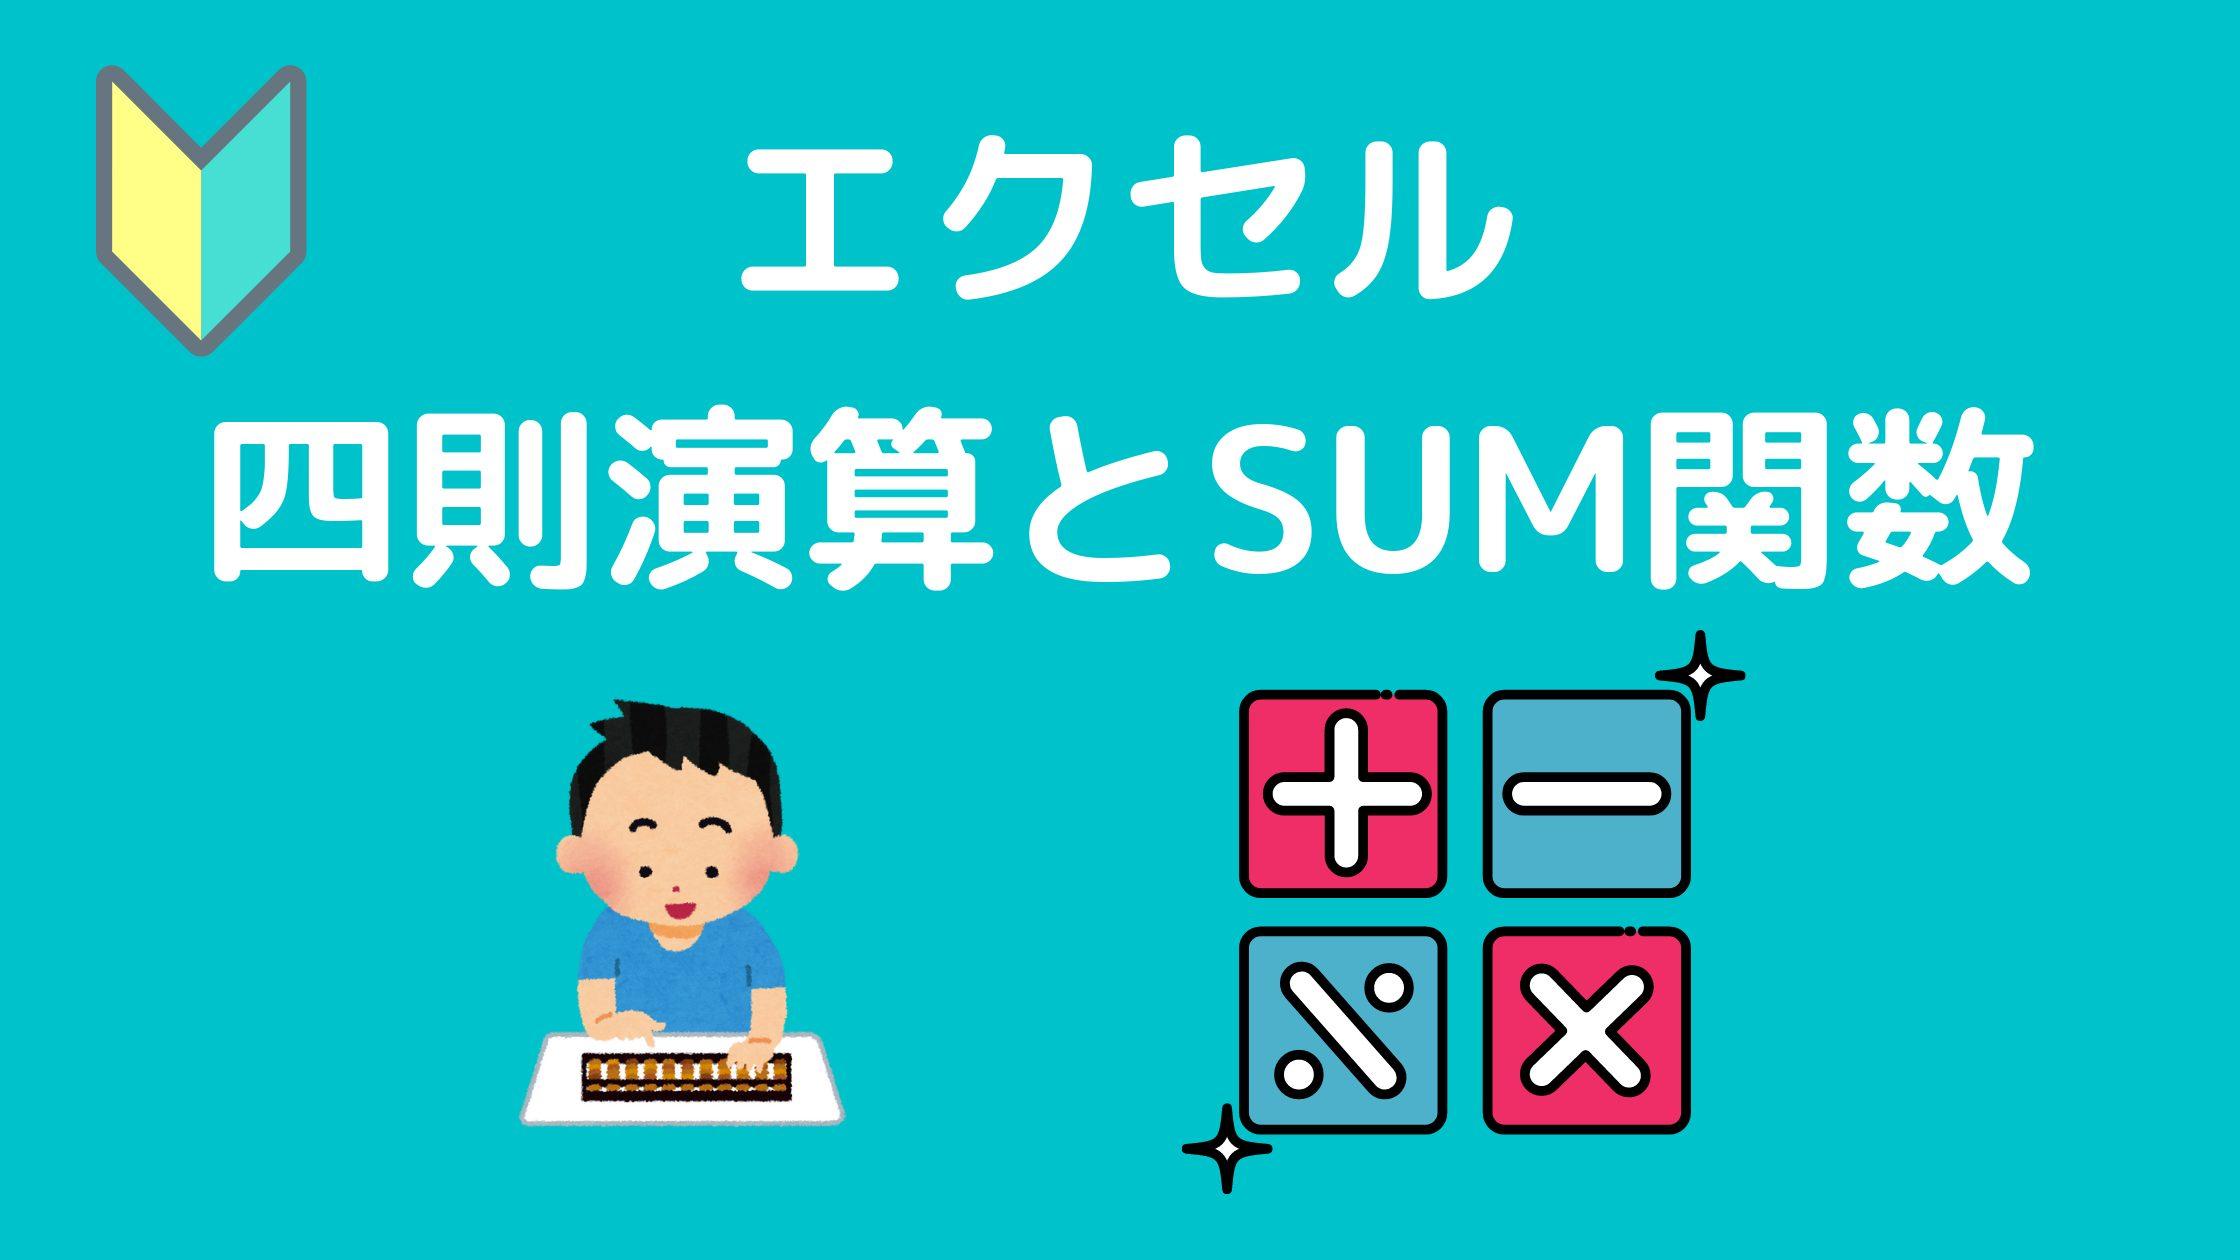 四則演算とSUM関数